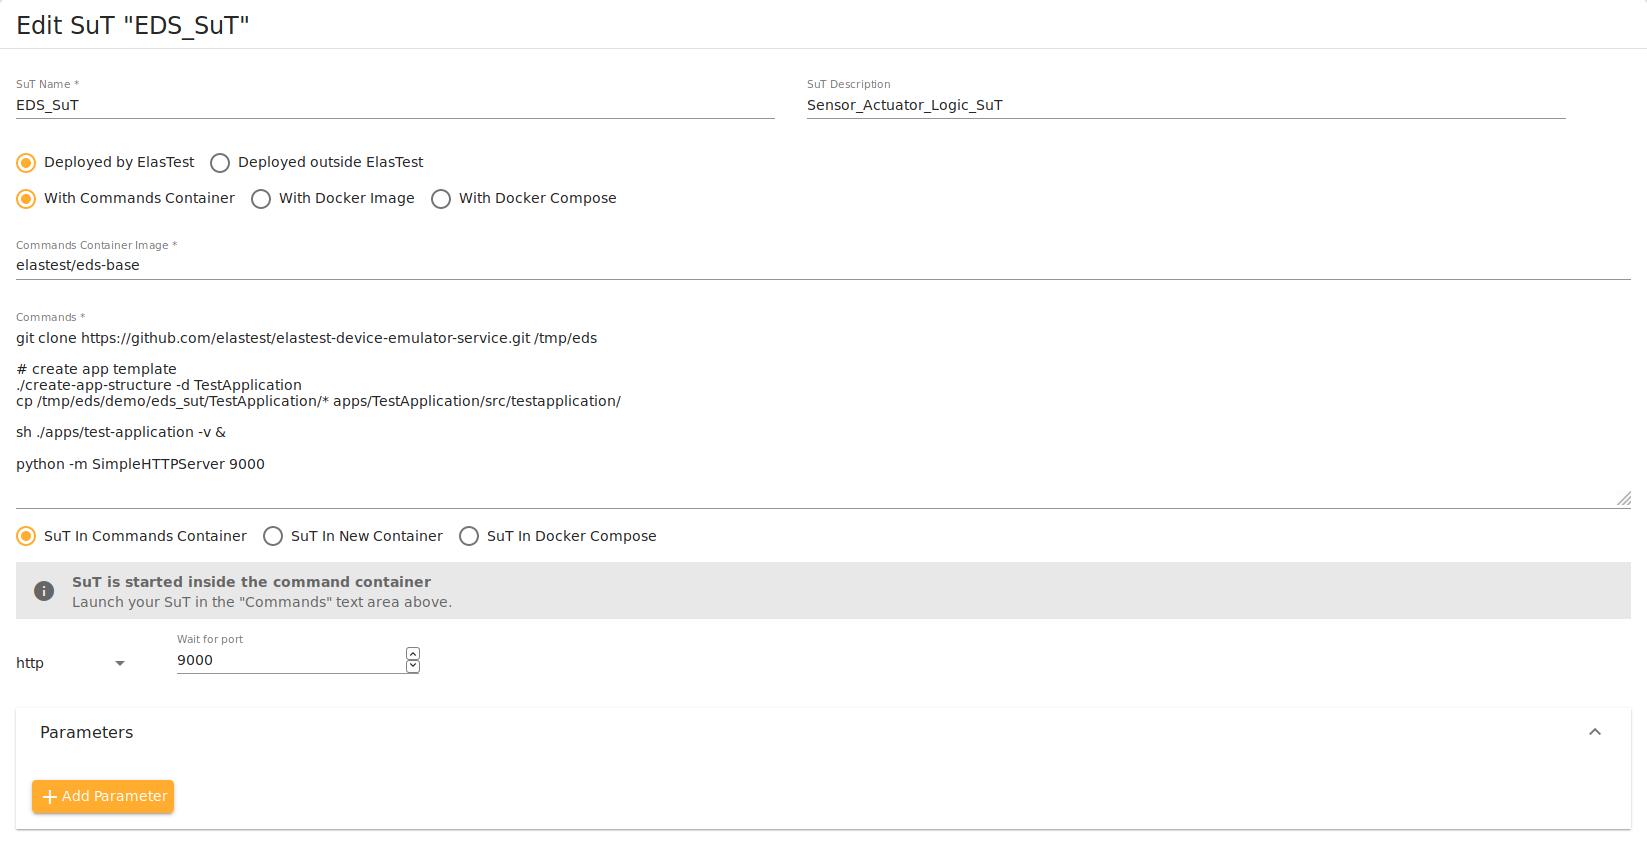 Elastest Documentation - Device Emulator Service (EDS)